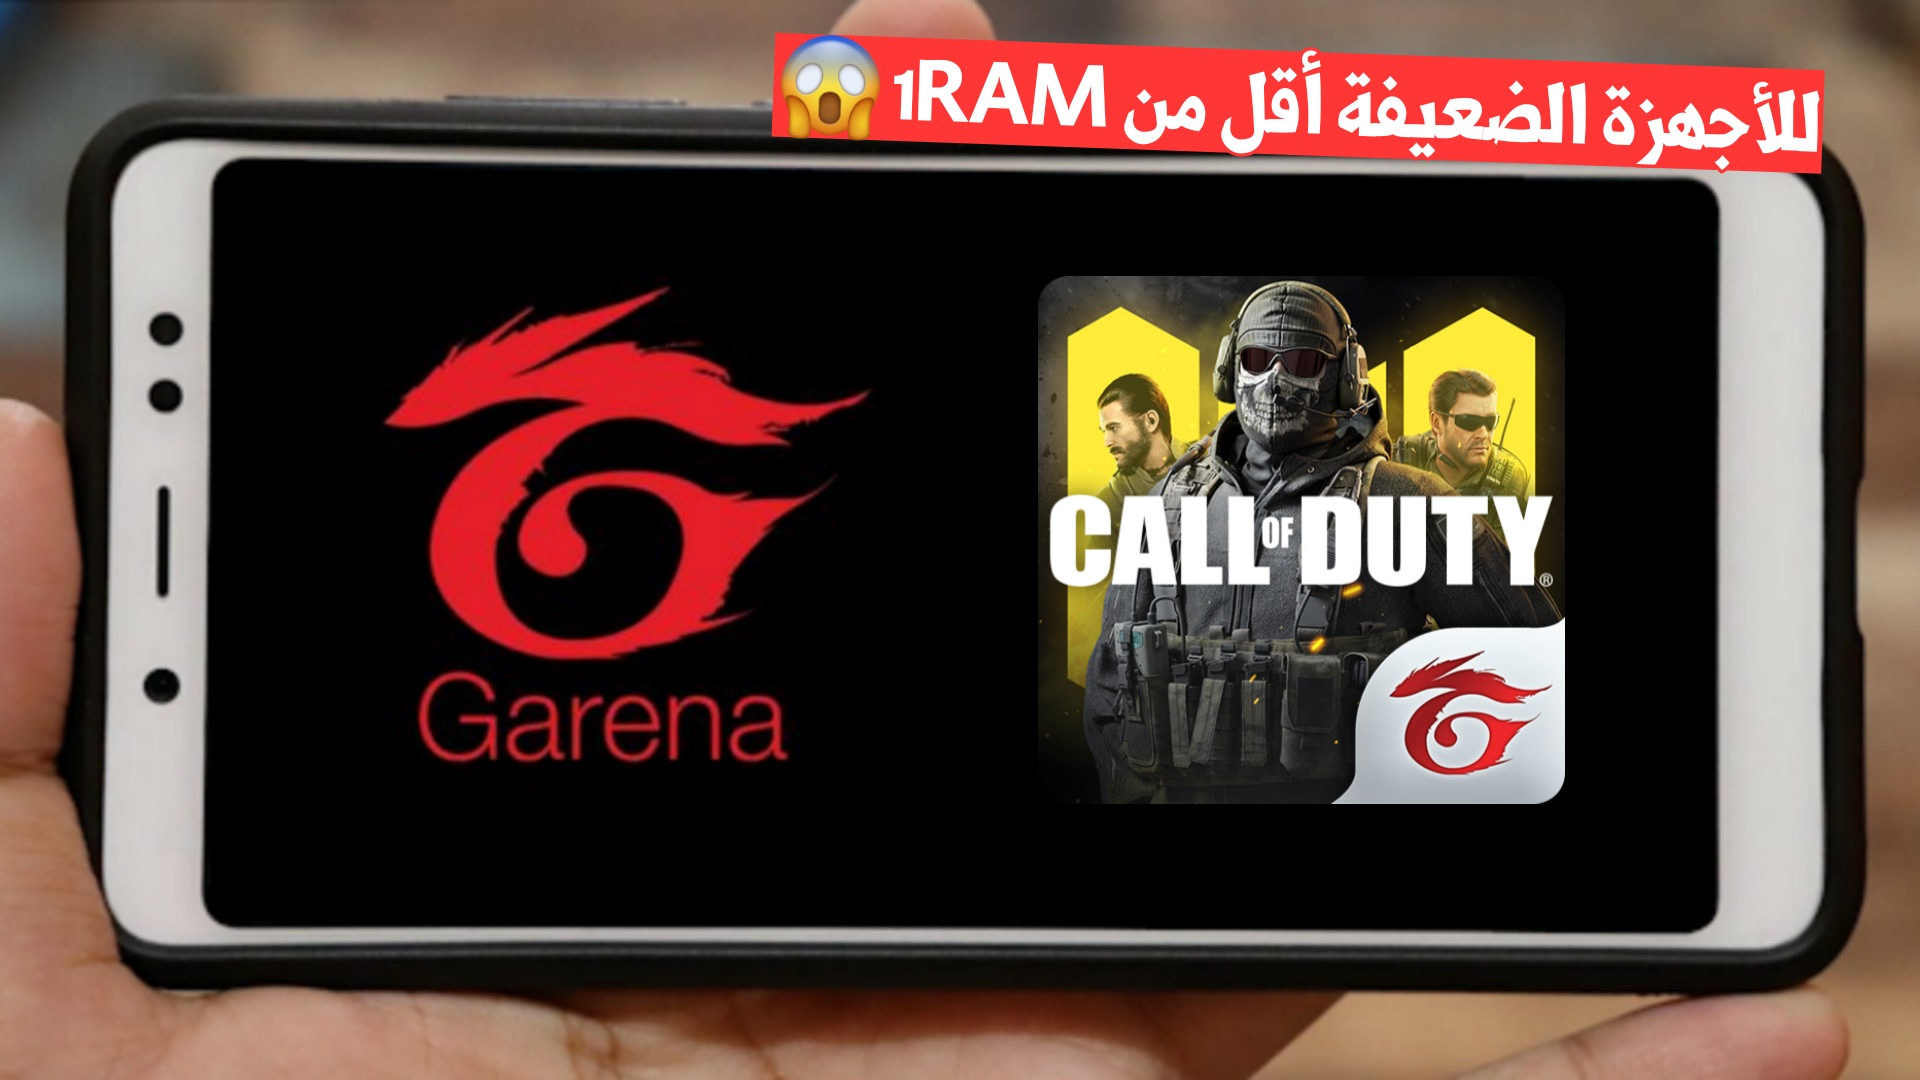 تحميل لعبة Call of Duty Mobile لشركة Garena للاندرويد للاجهزة الضعيفة أقل من 1 رام برابط مباشر